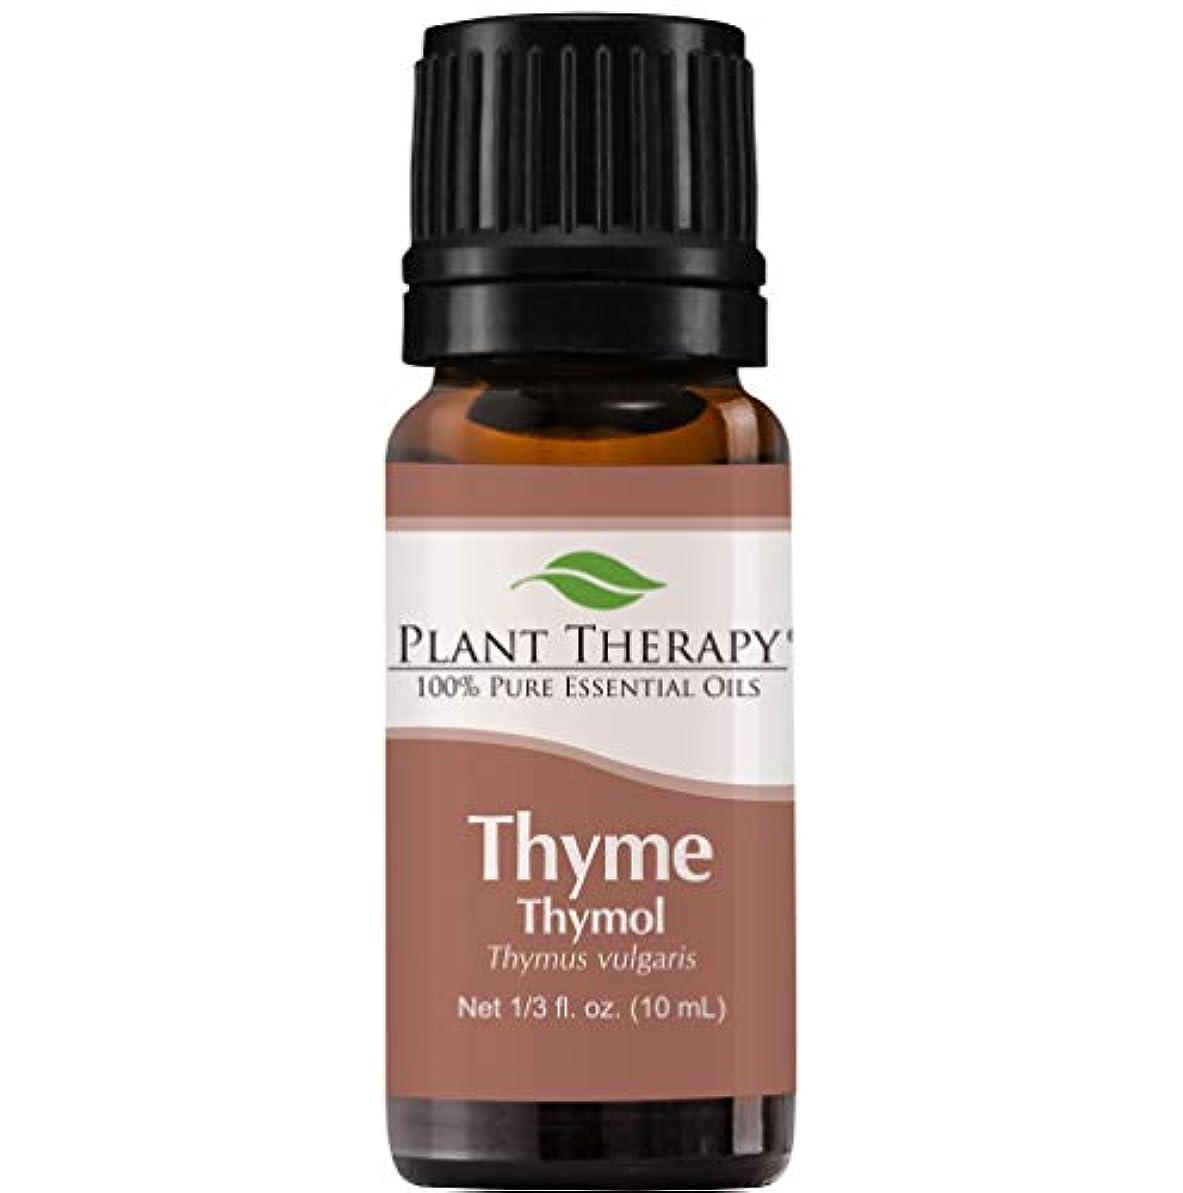 ランデブー開梱引用Plant Therapy Thyme Thymol Essential Oil. 100% Pure, Undiluted, Therapeutic Grade. 10 ml (1/3 oz). by Plant Therapy